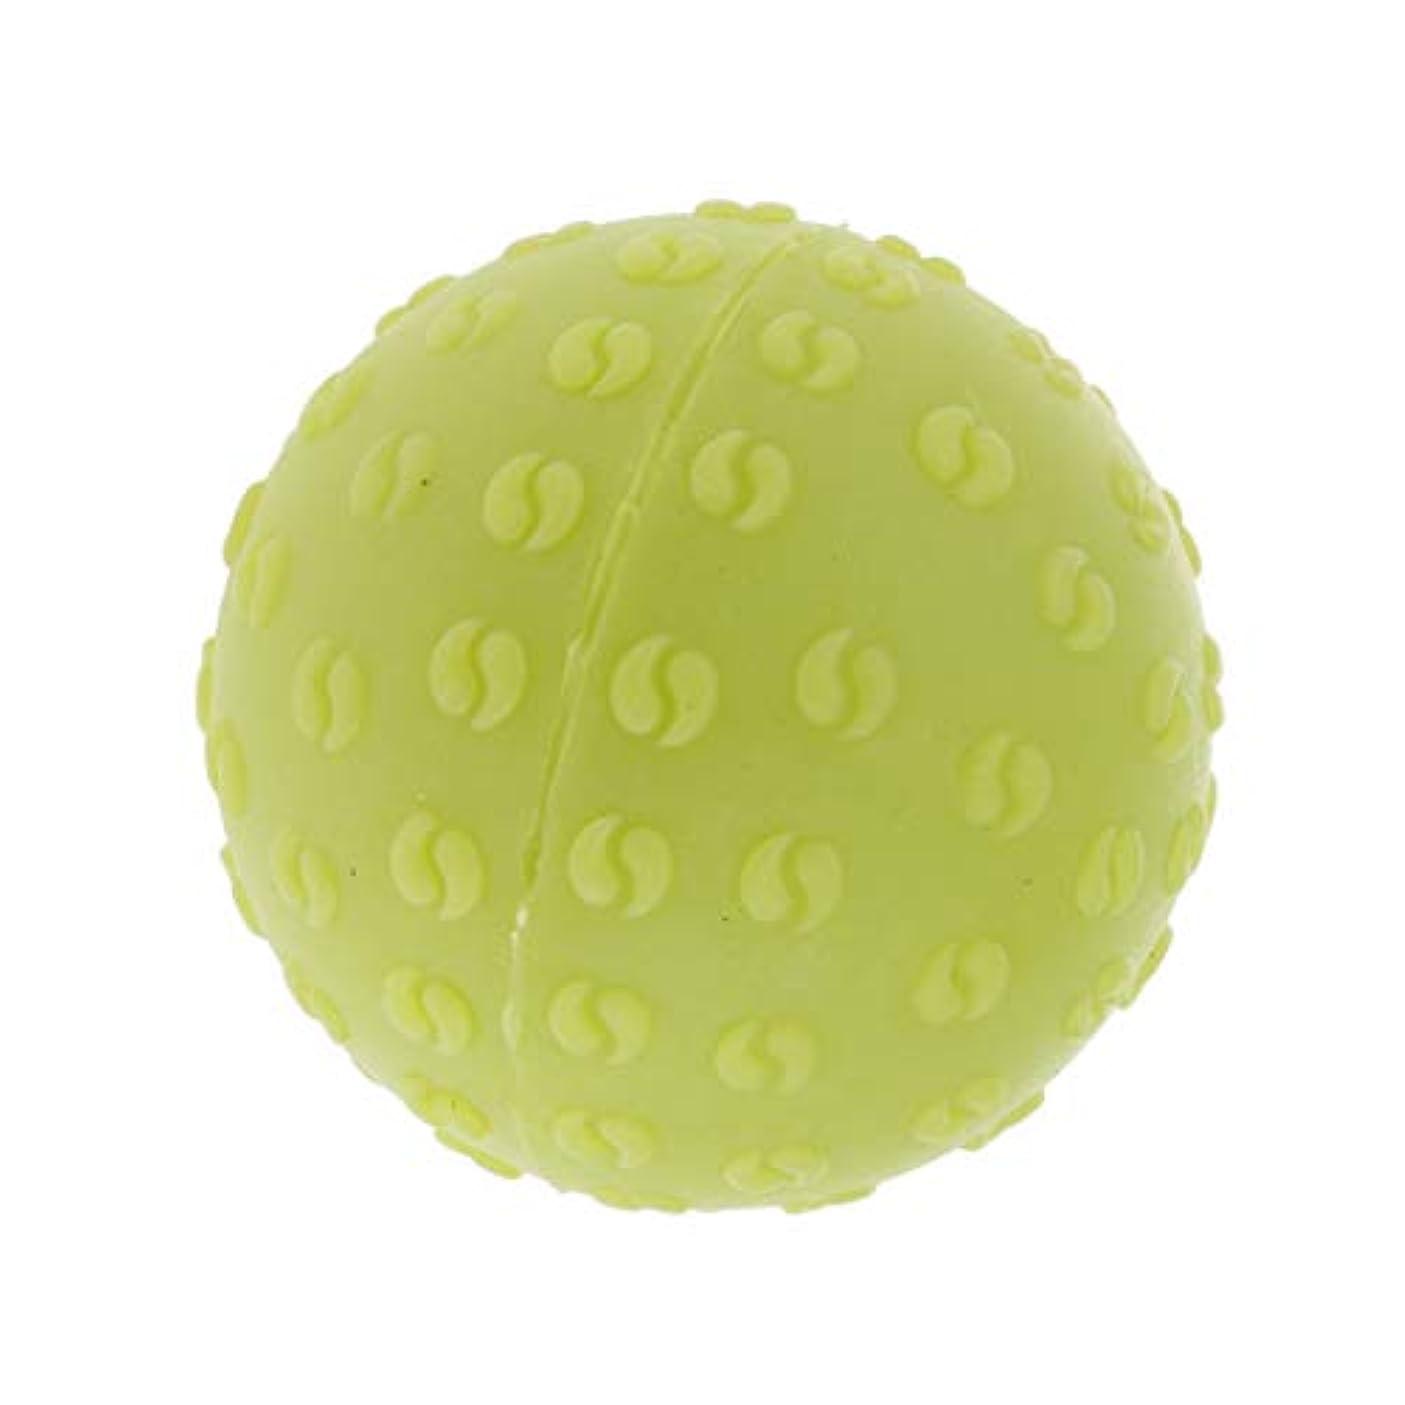 従者有能な異常な全6色 マッサージボール 指圧ボール シリコーン トリガーポイント 足底筋膜炎 ヨガ 耐油性 快適 - 緑, 説明のとおり